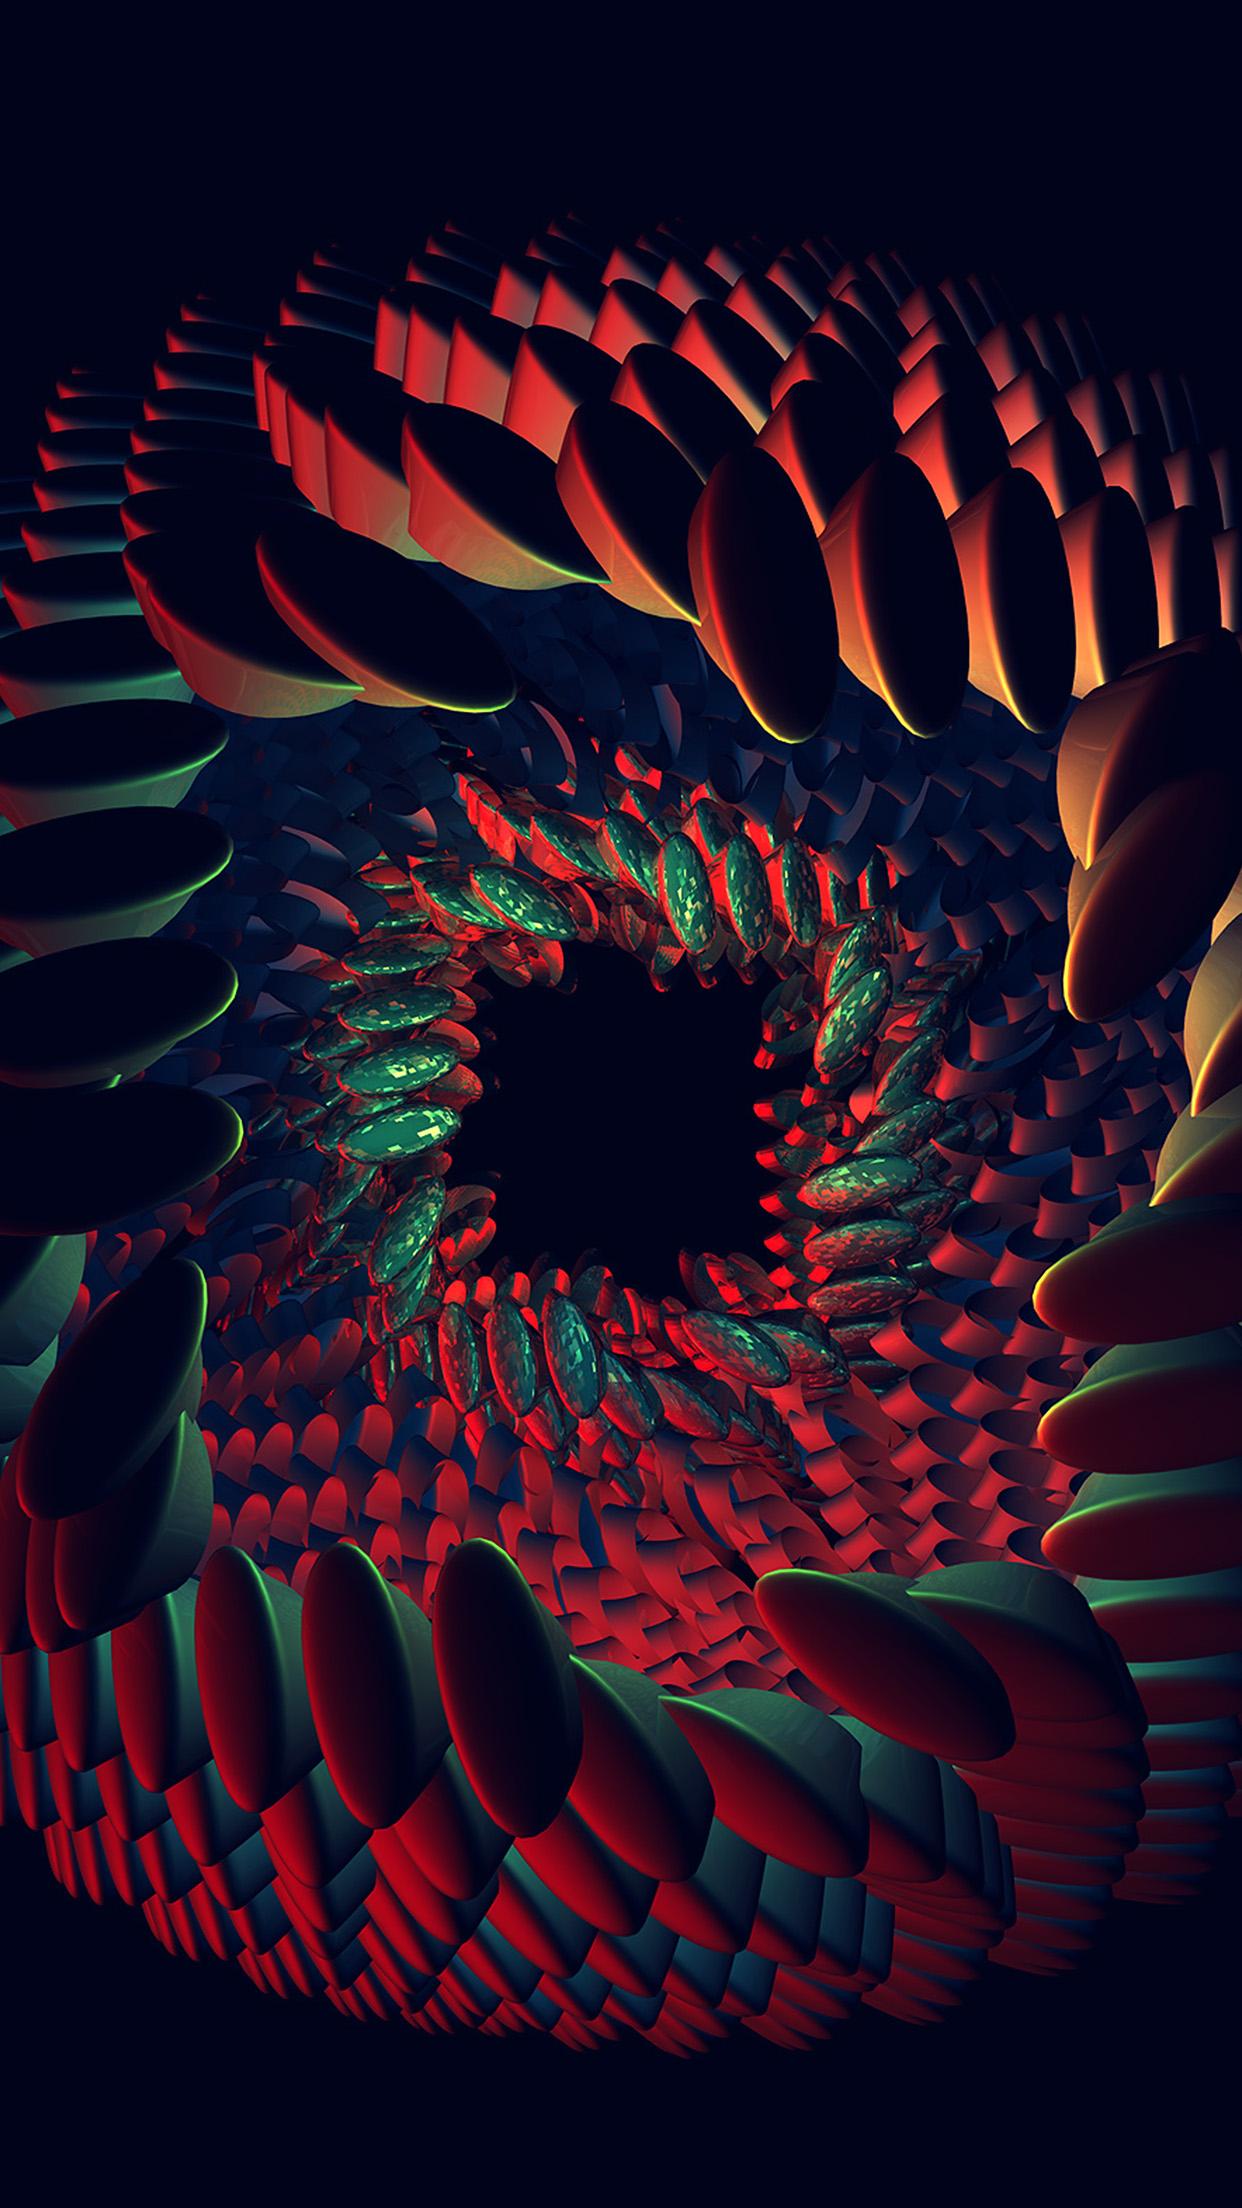 Cute Butterfly Phone Wallpaper Vq42 Seeds Dark Red Green Abstract Art Pattern Wallpaper